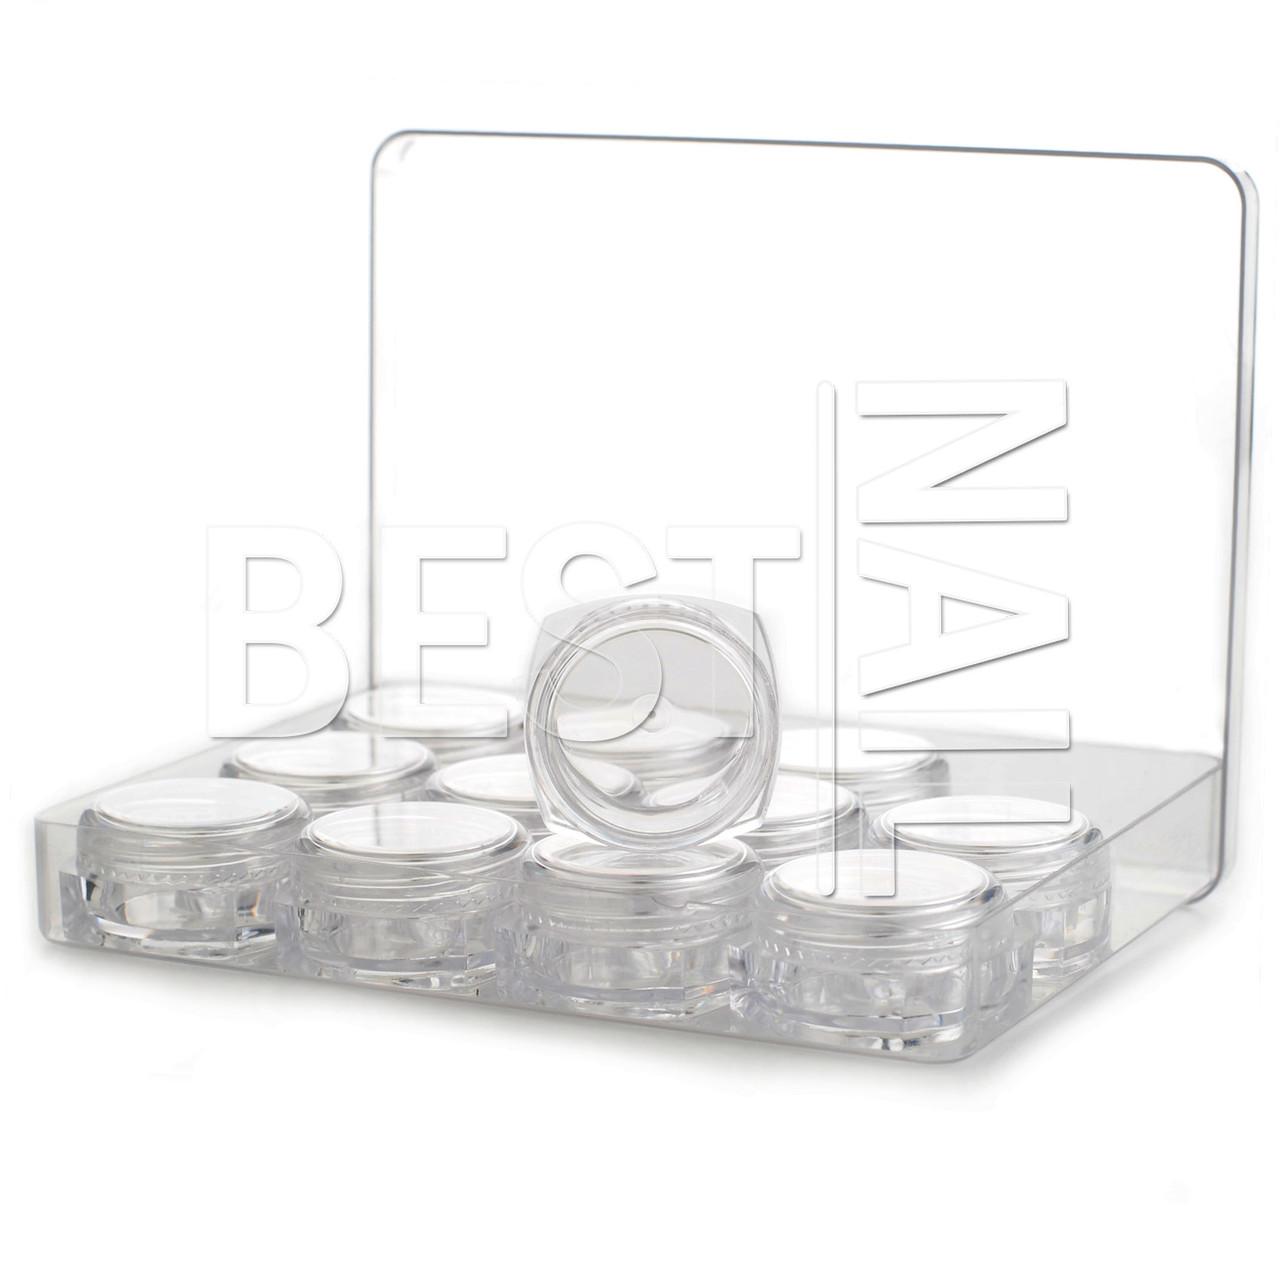 Баночка-закрутка квадратной формы, 3 мл (12 штук + коробка)